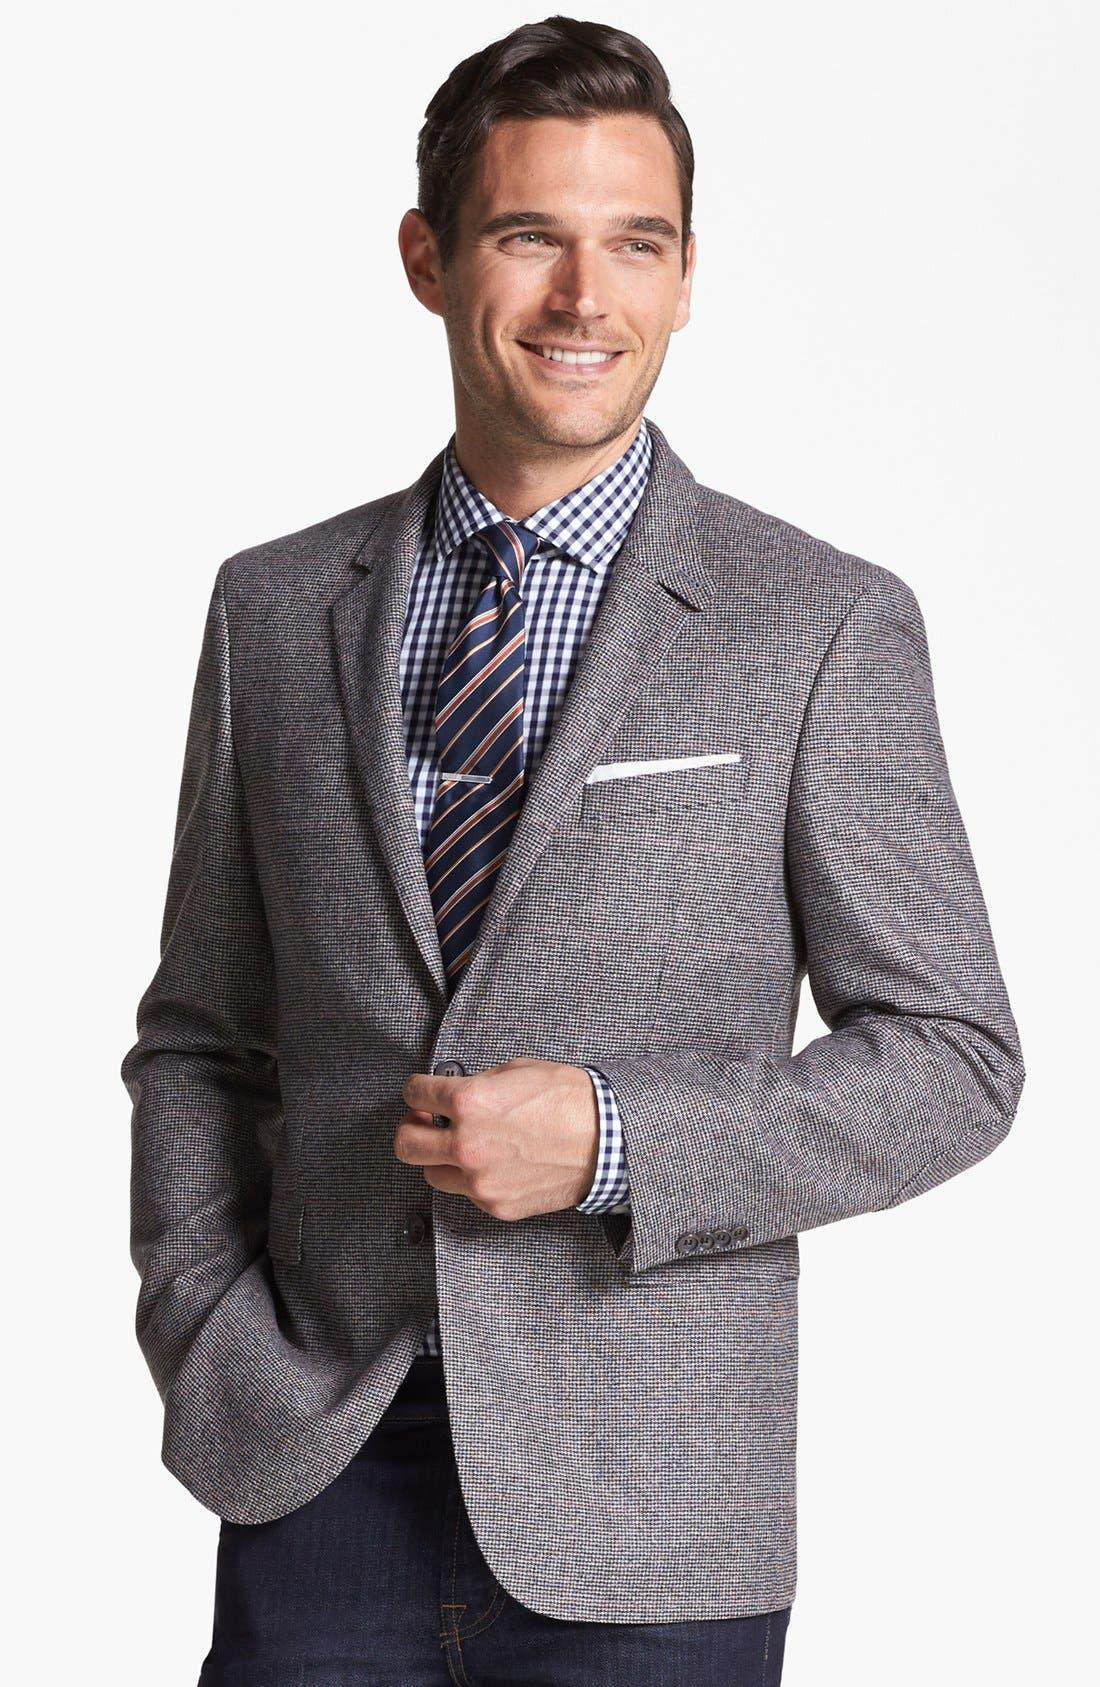 Alternate Image 1 Selected - BOSS HUGO BOSS 'Rhett' Extra Trim Fit Sportcoat